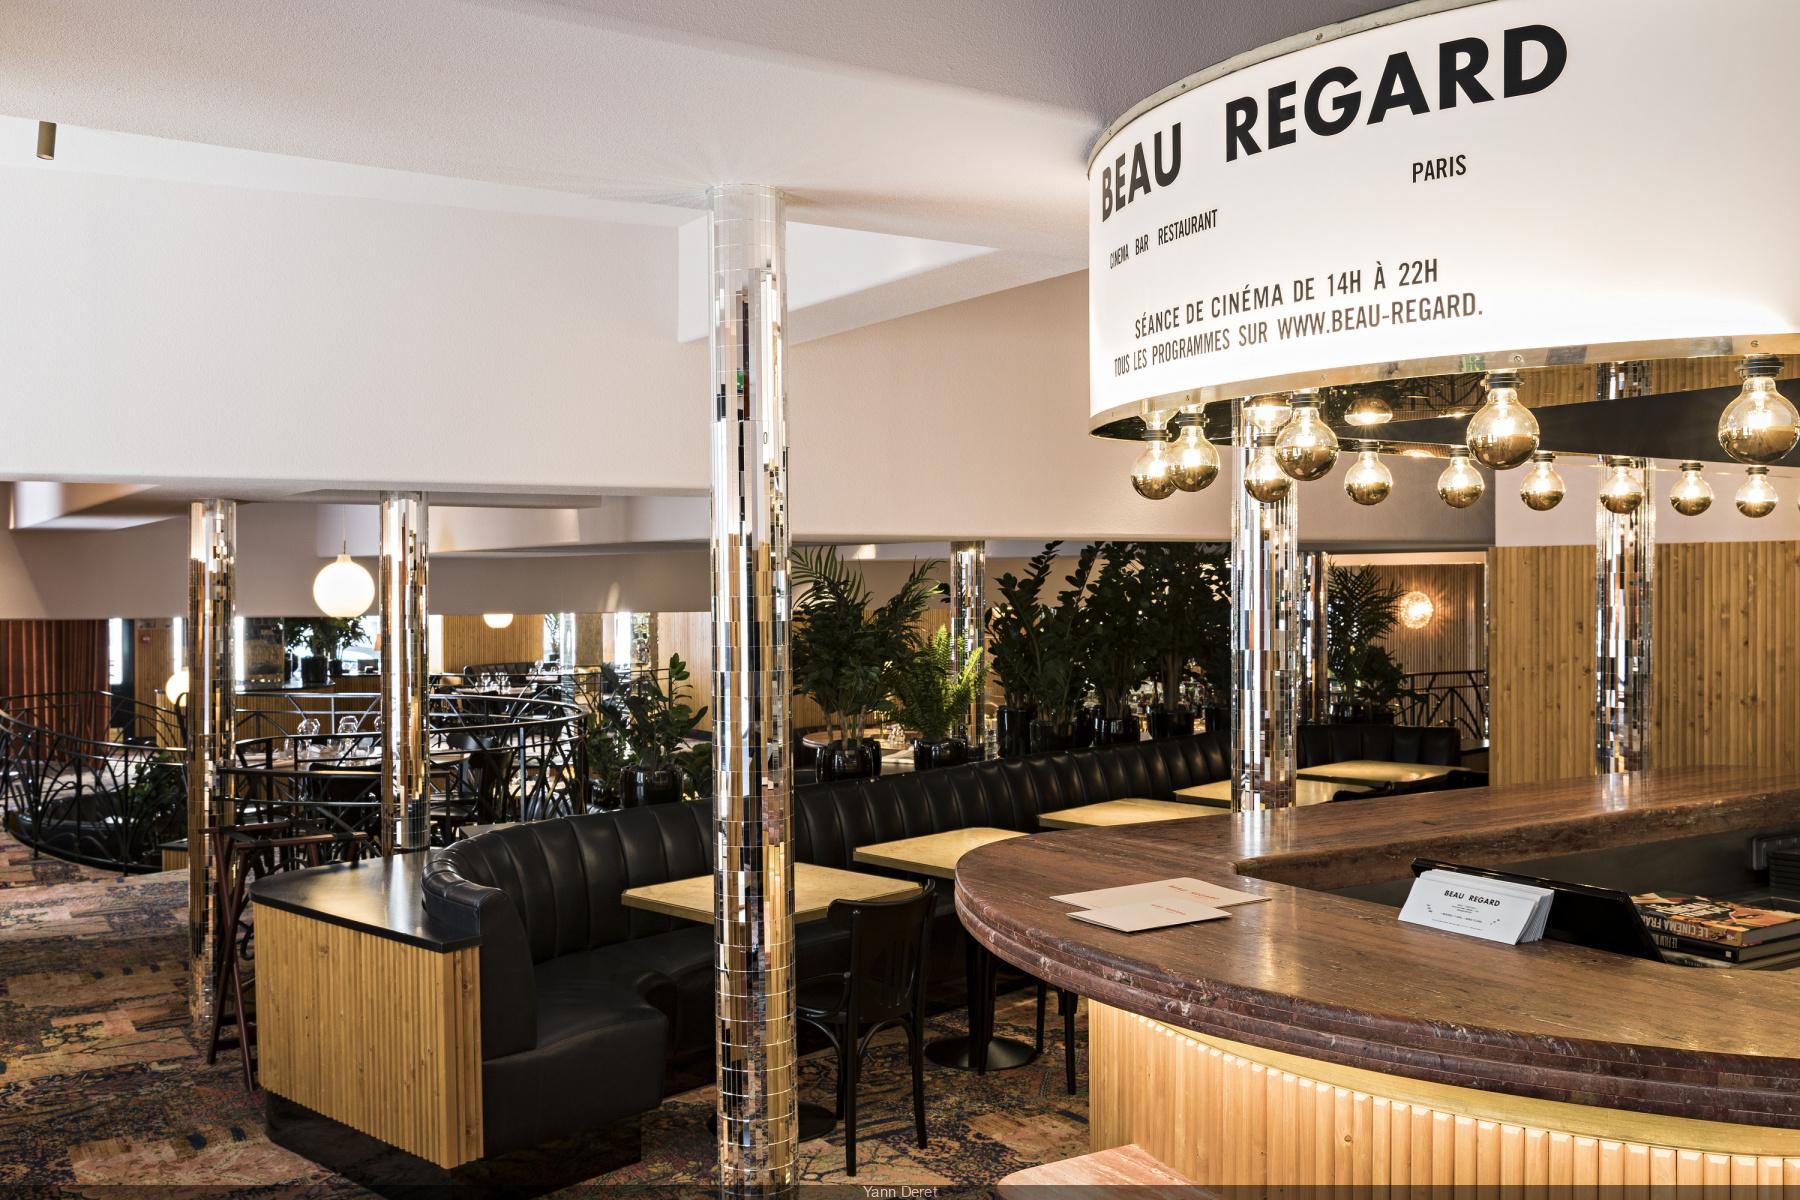 Beau Regard, restaurant, bar et cinéma à Saint-Germain-des-Prés